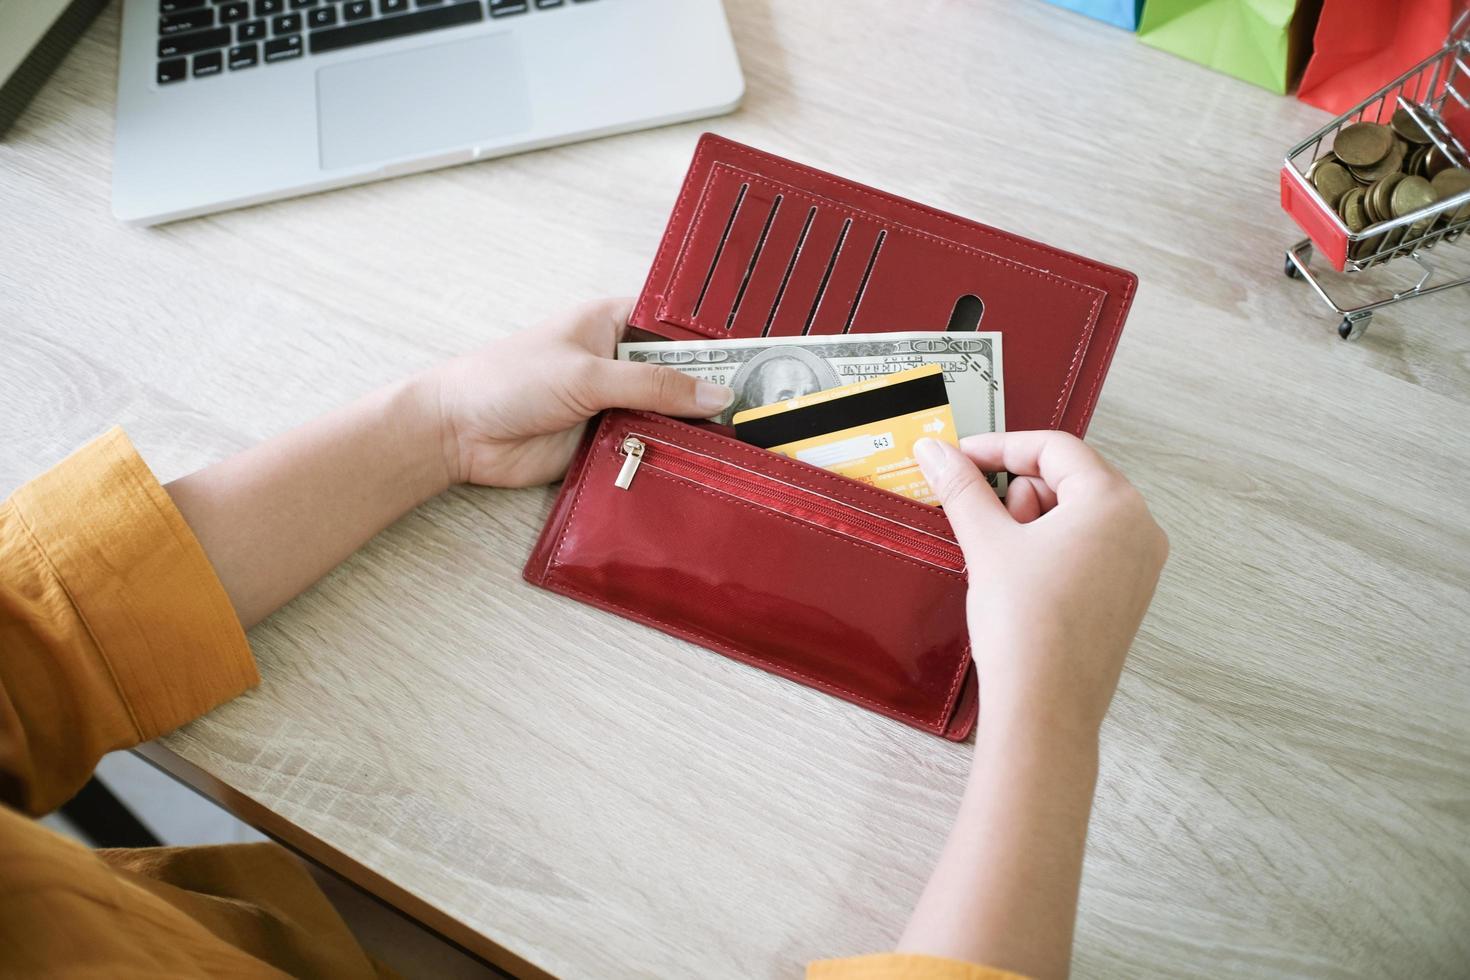 vrouw die creditcard uit portefeuille trekt foto